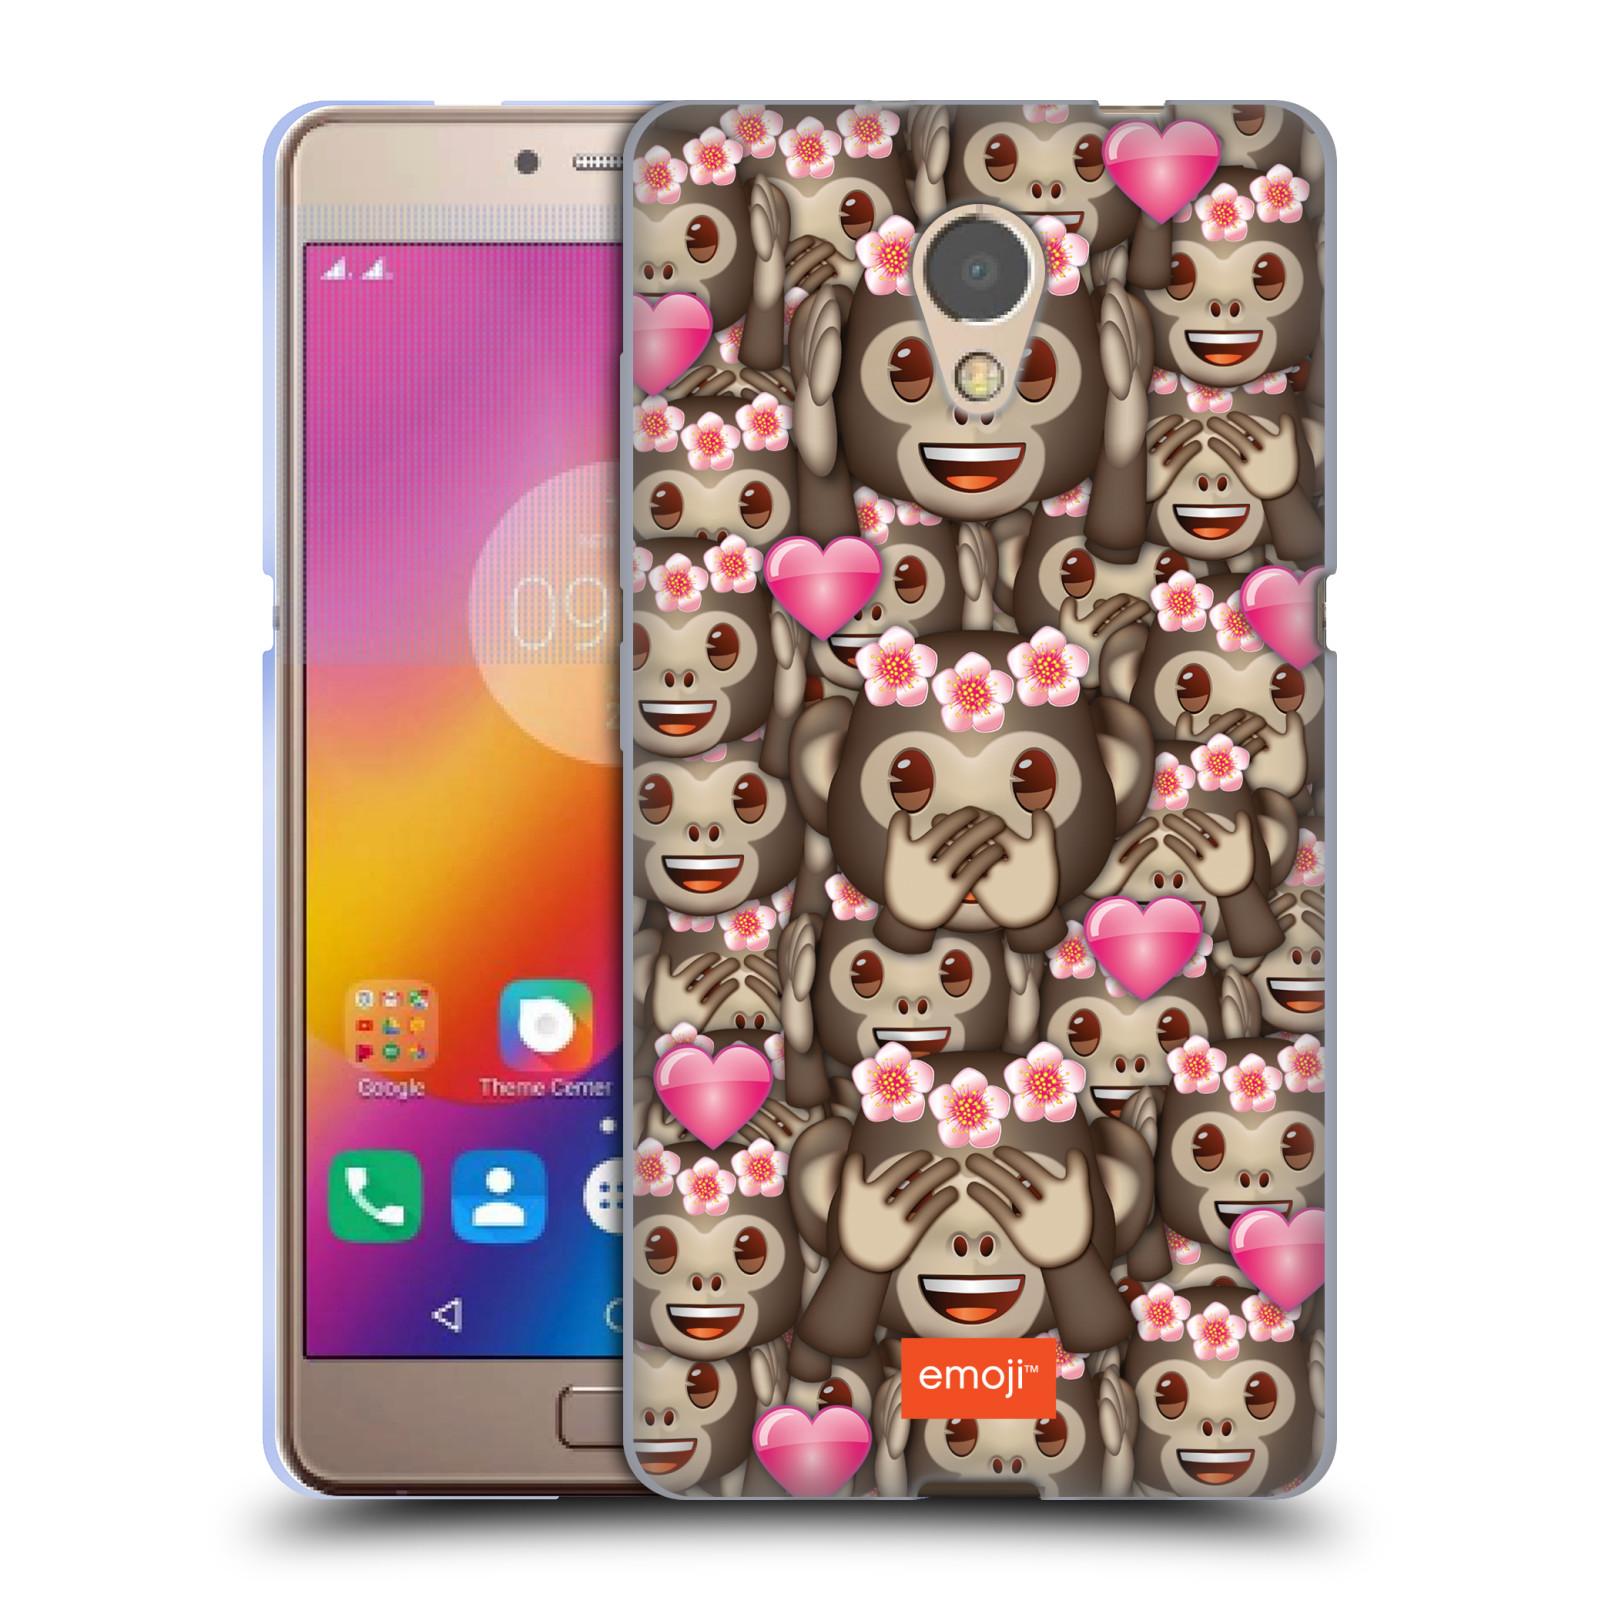 Silikonové pouzdro na mobil Lenovo P2 - Head Case - EMOJI - Opičky, srdíčka a kytičky